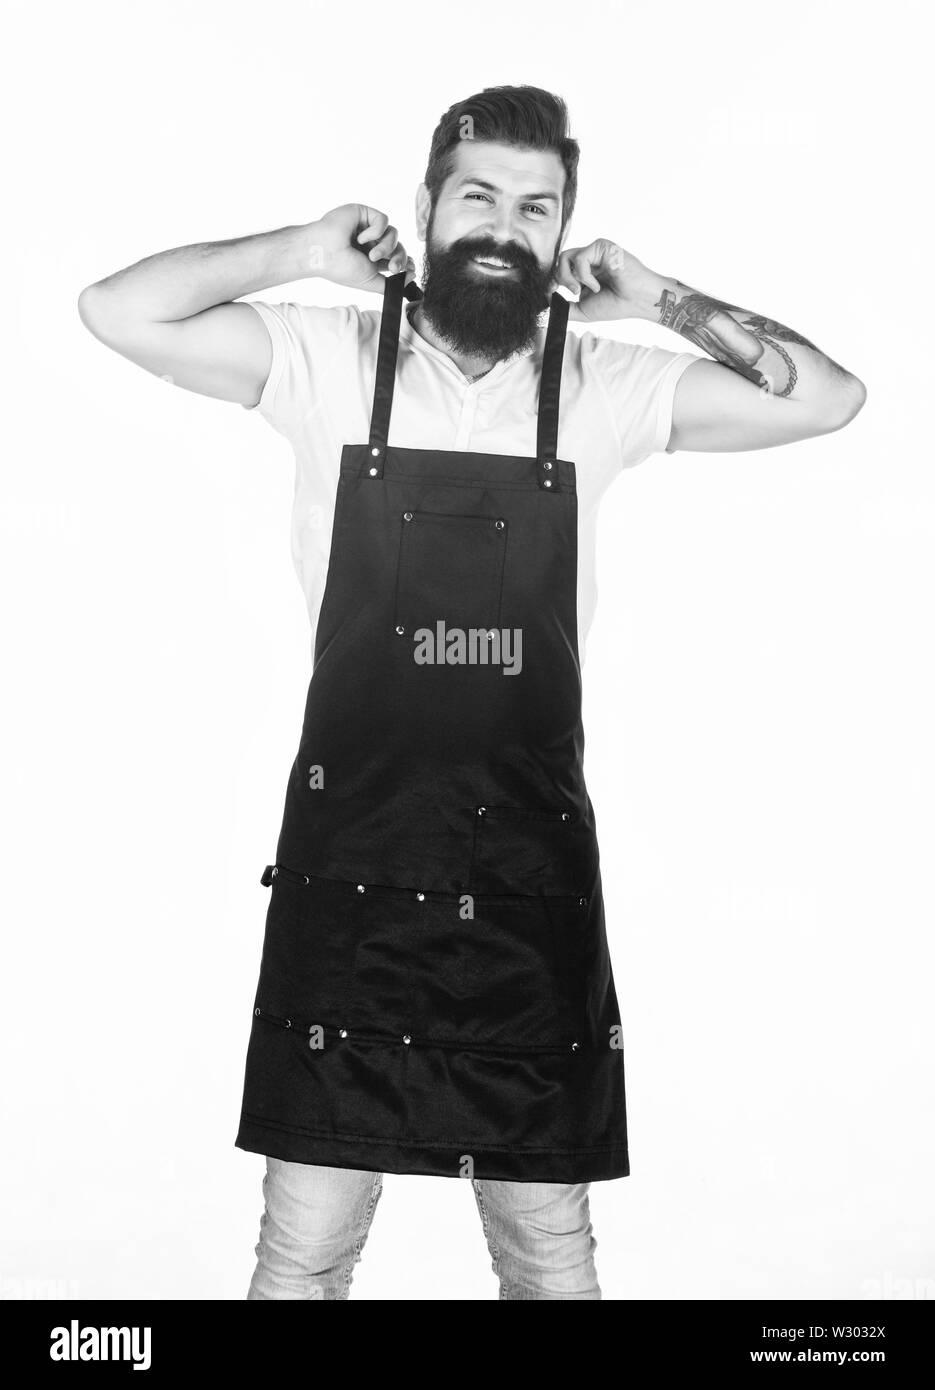 Suivant la même routine de travail. Hipster se préparer pour les jours à barbier ou de cuisine. Homme barbu portant un tablier de travail au quotidien. Activités courantes. Photo Stock